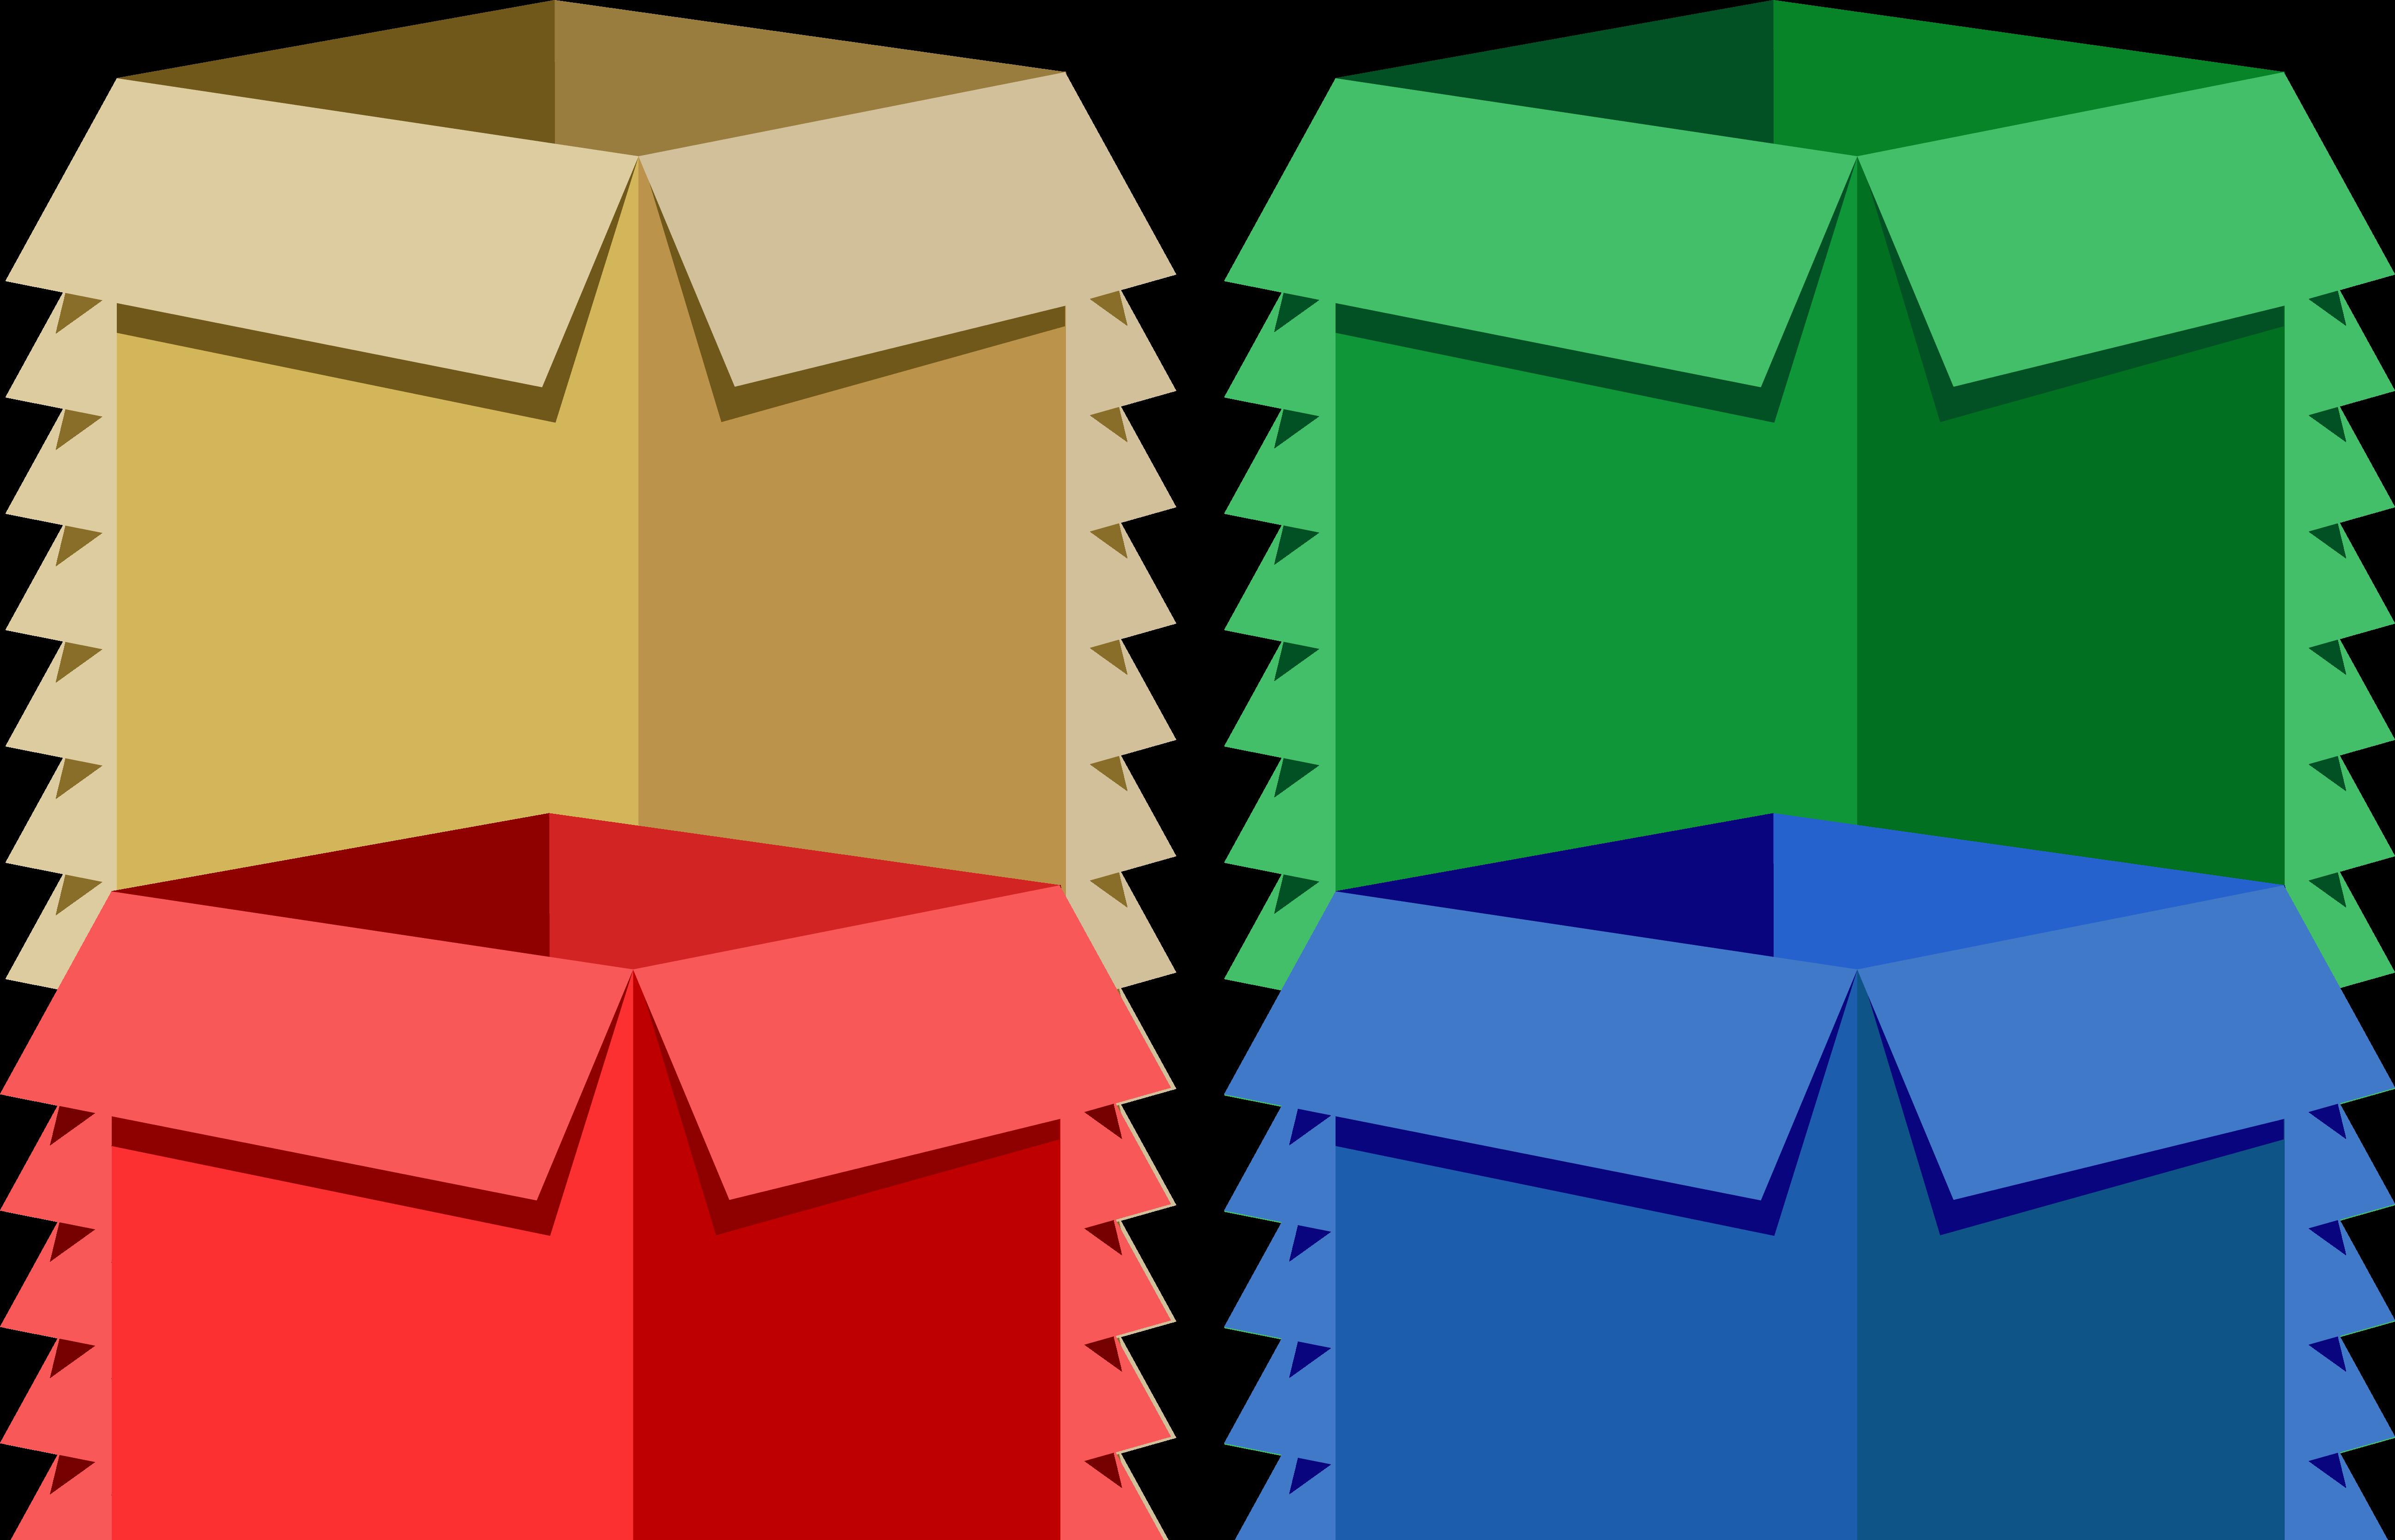 color-box